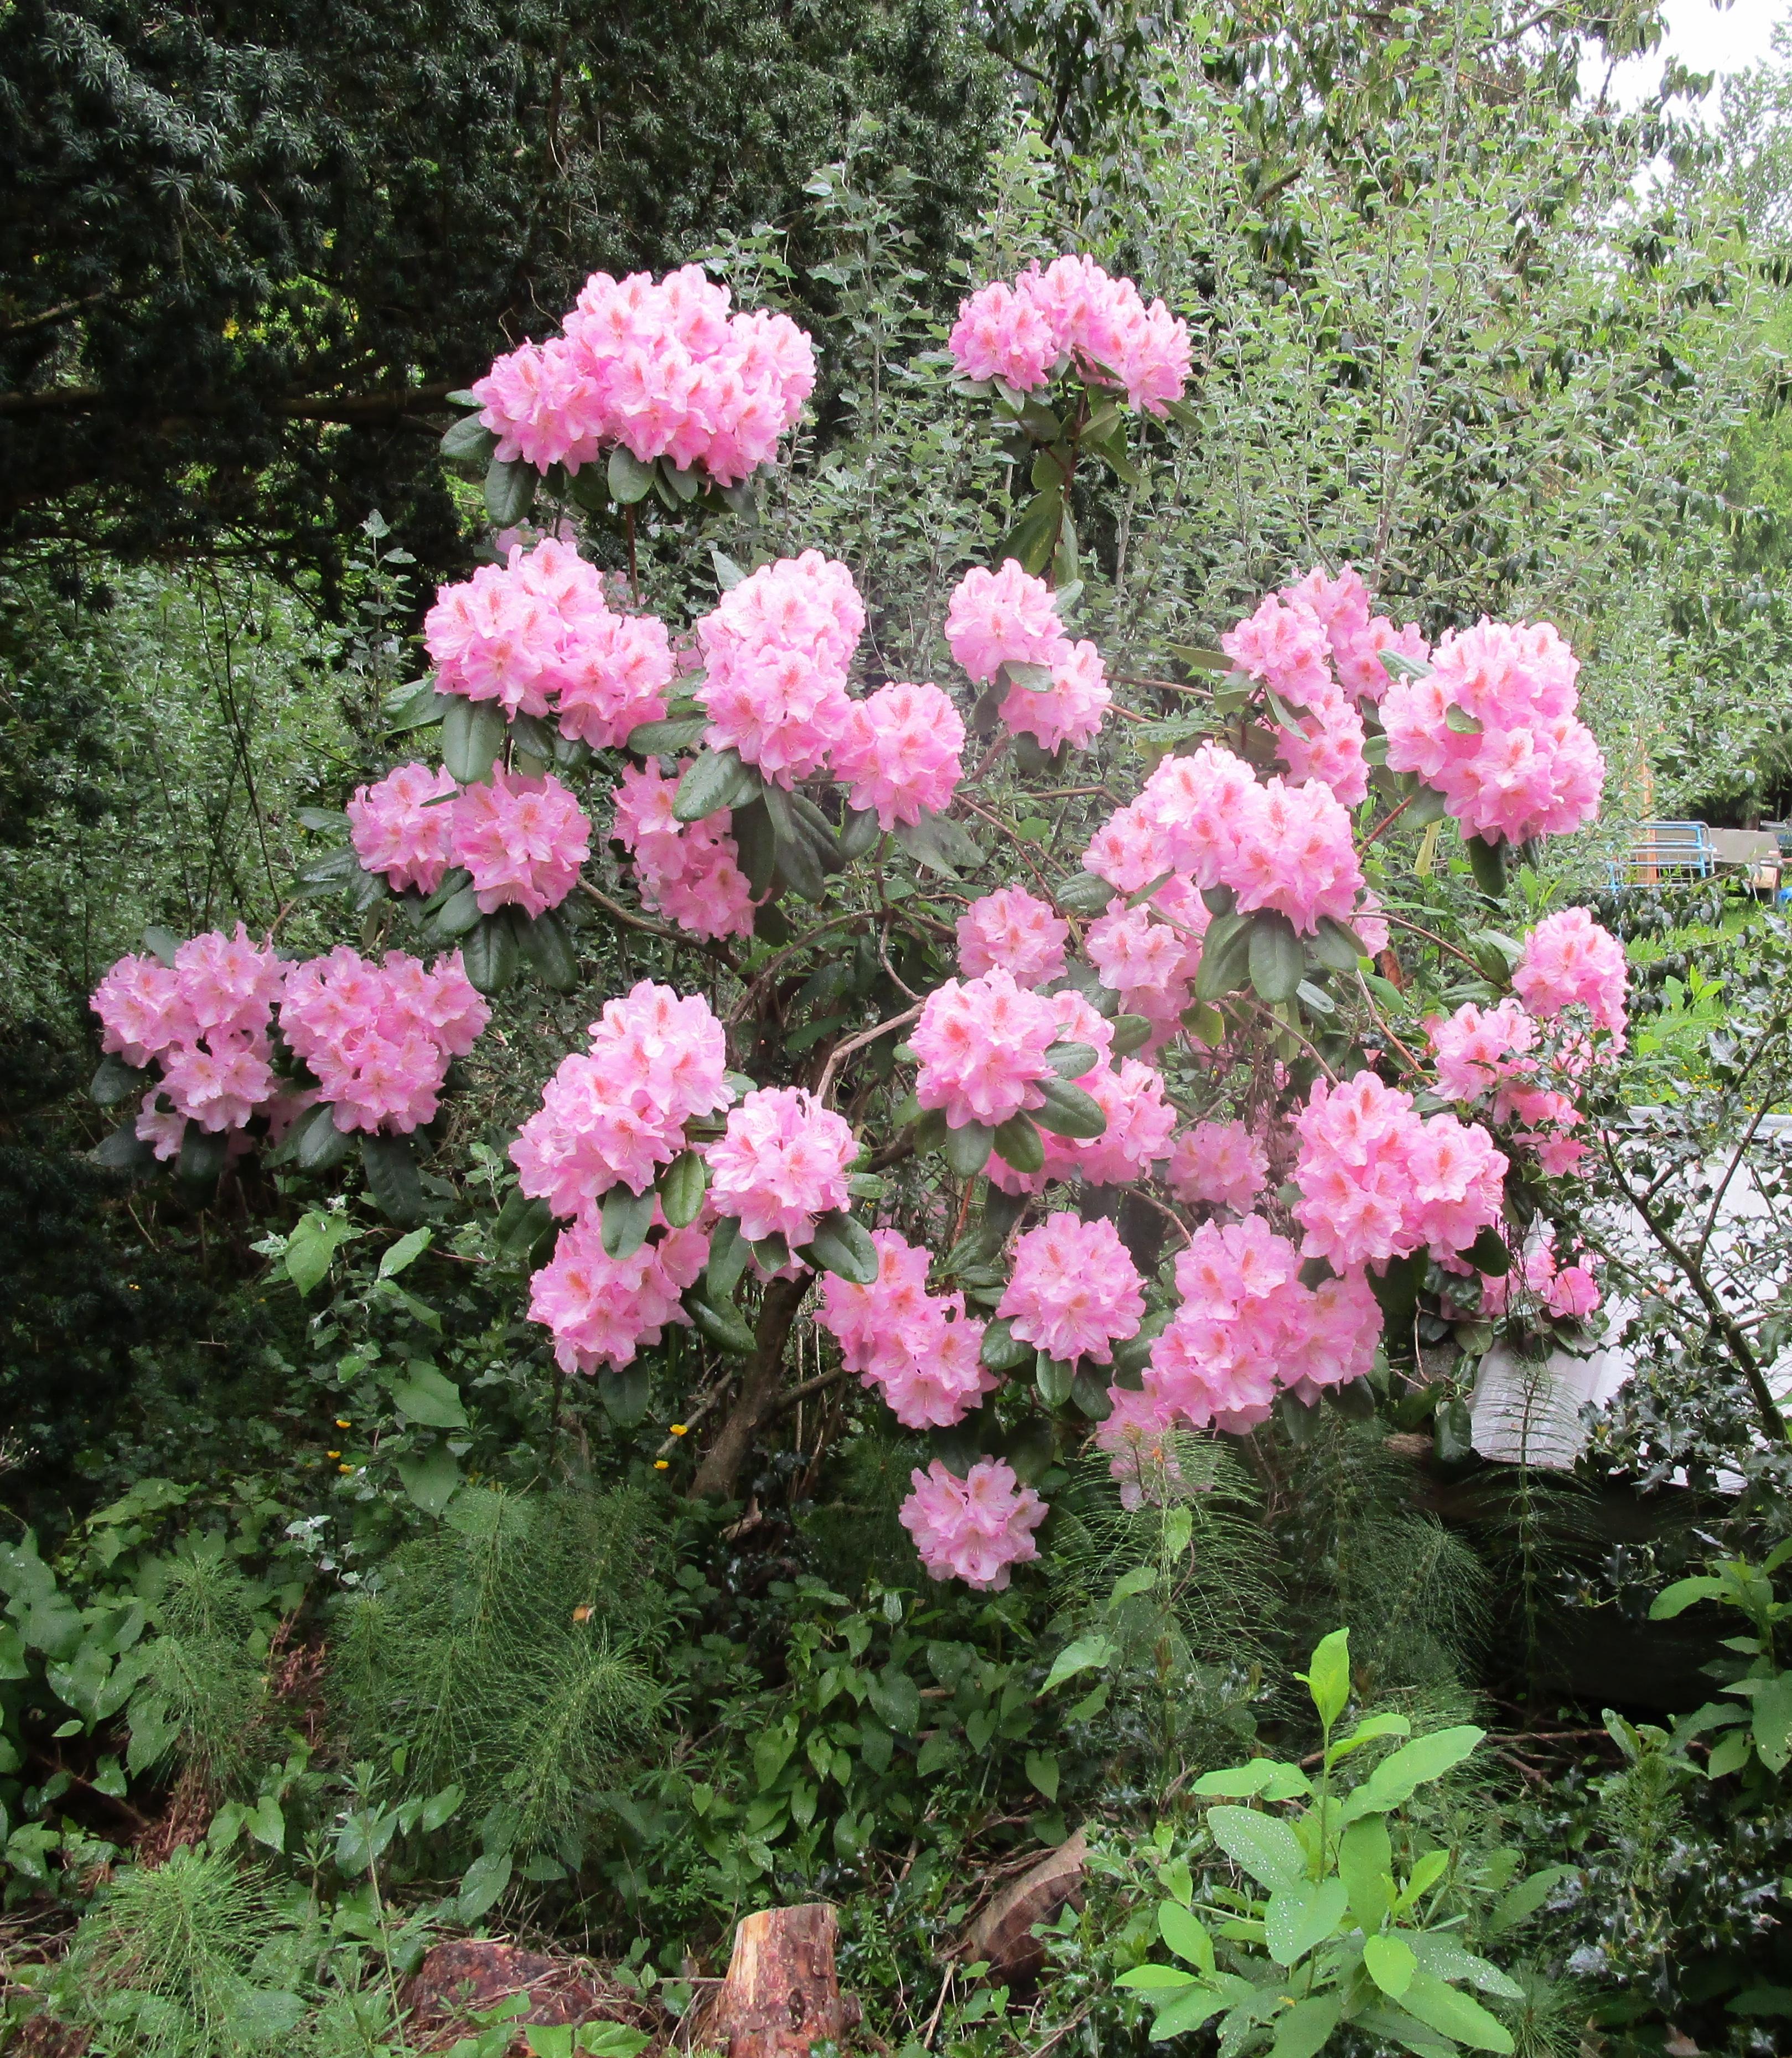 May1 farm pink rhody